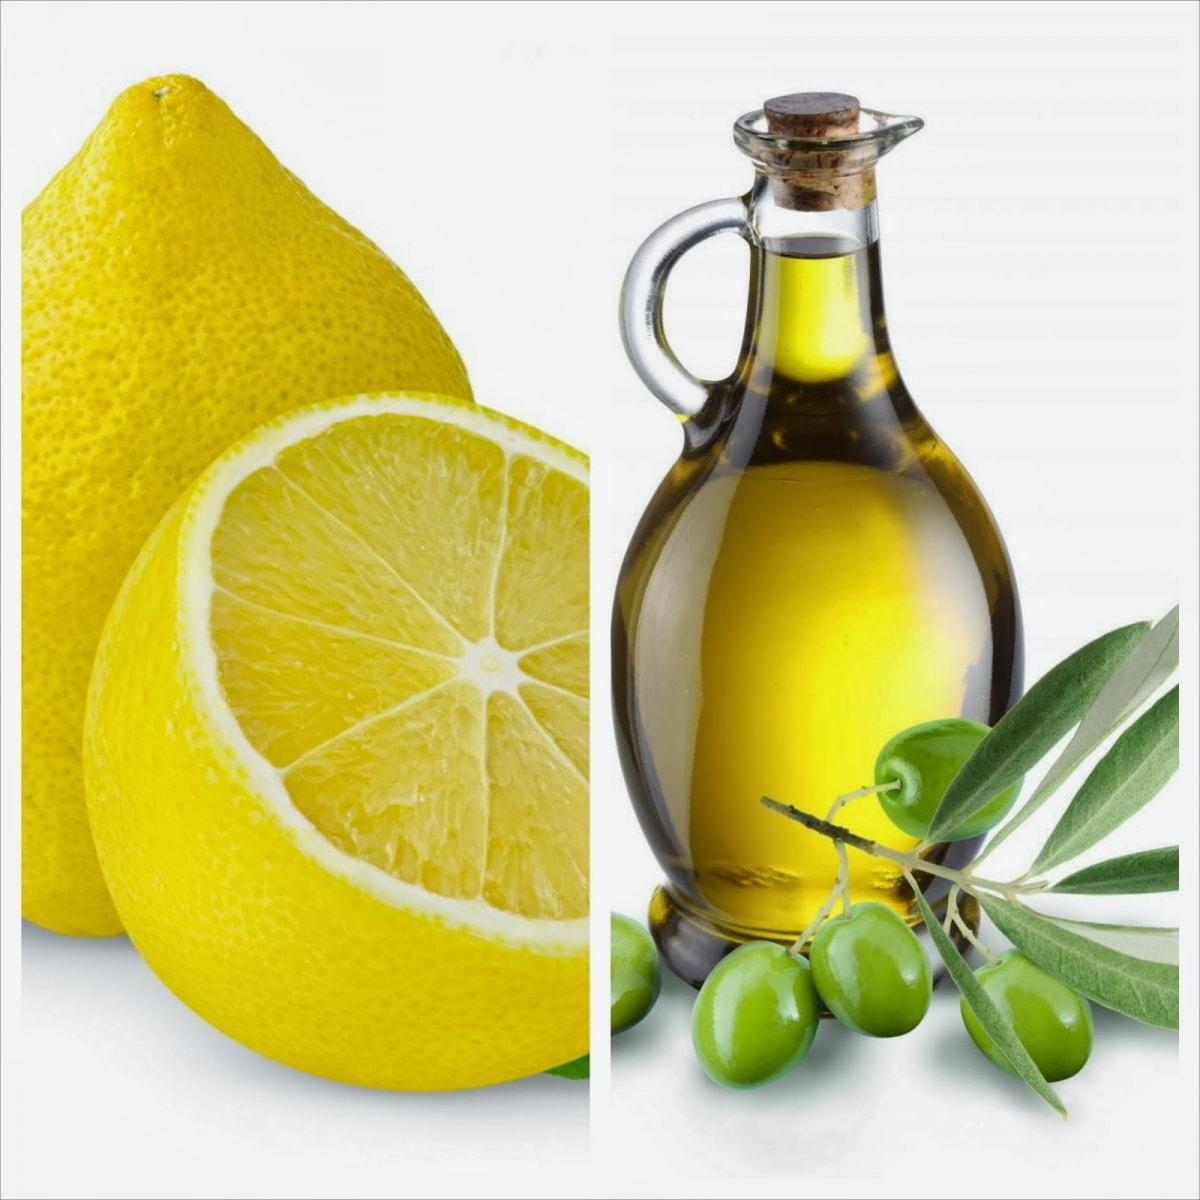 nước cốt chanh và dầu oliu